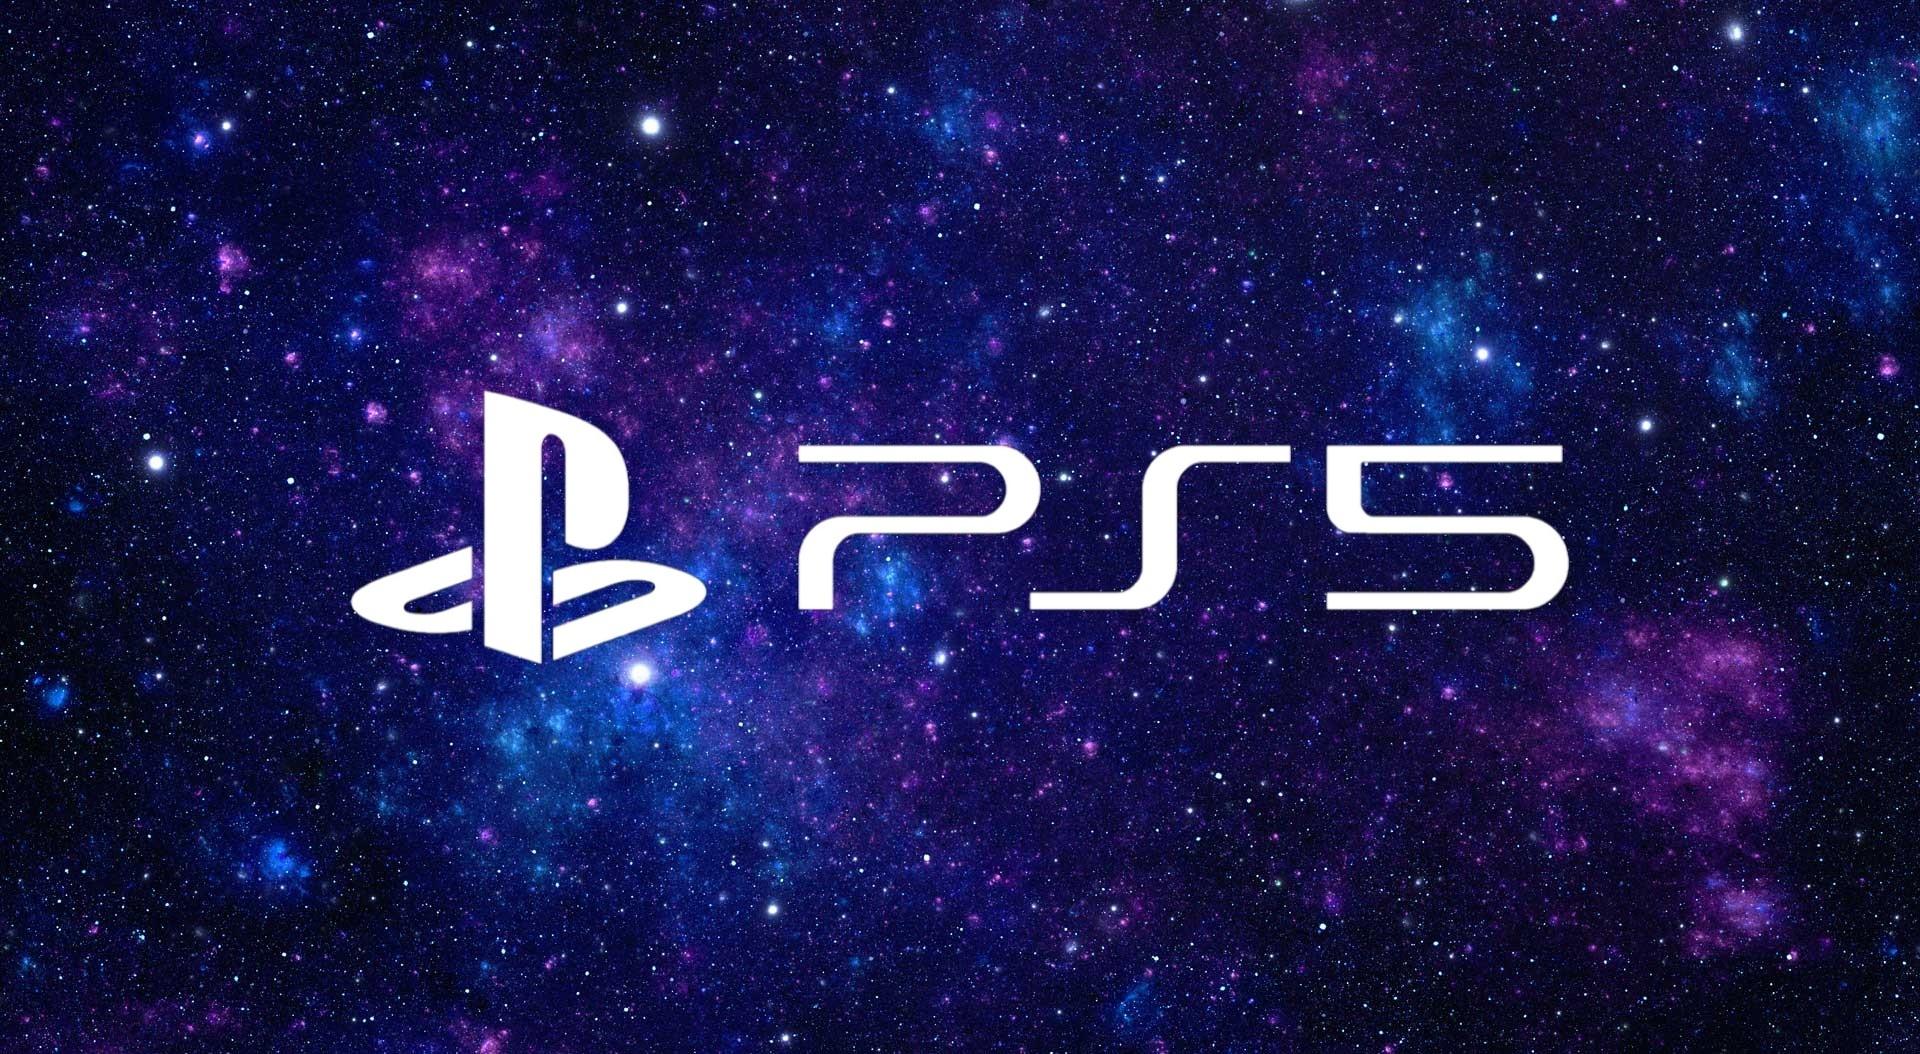 Логотип PlayStation5 стал самым популярным игровым постом в истории Instagram